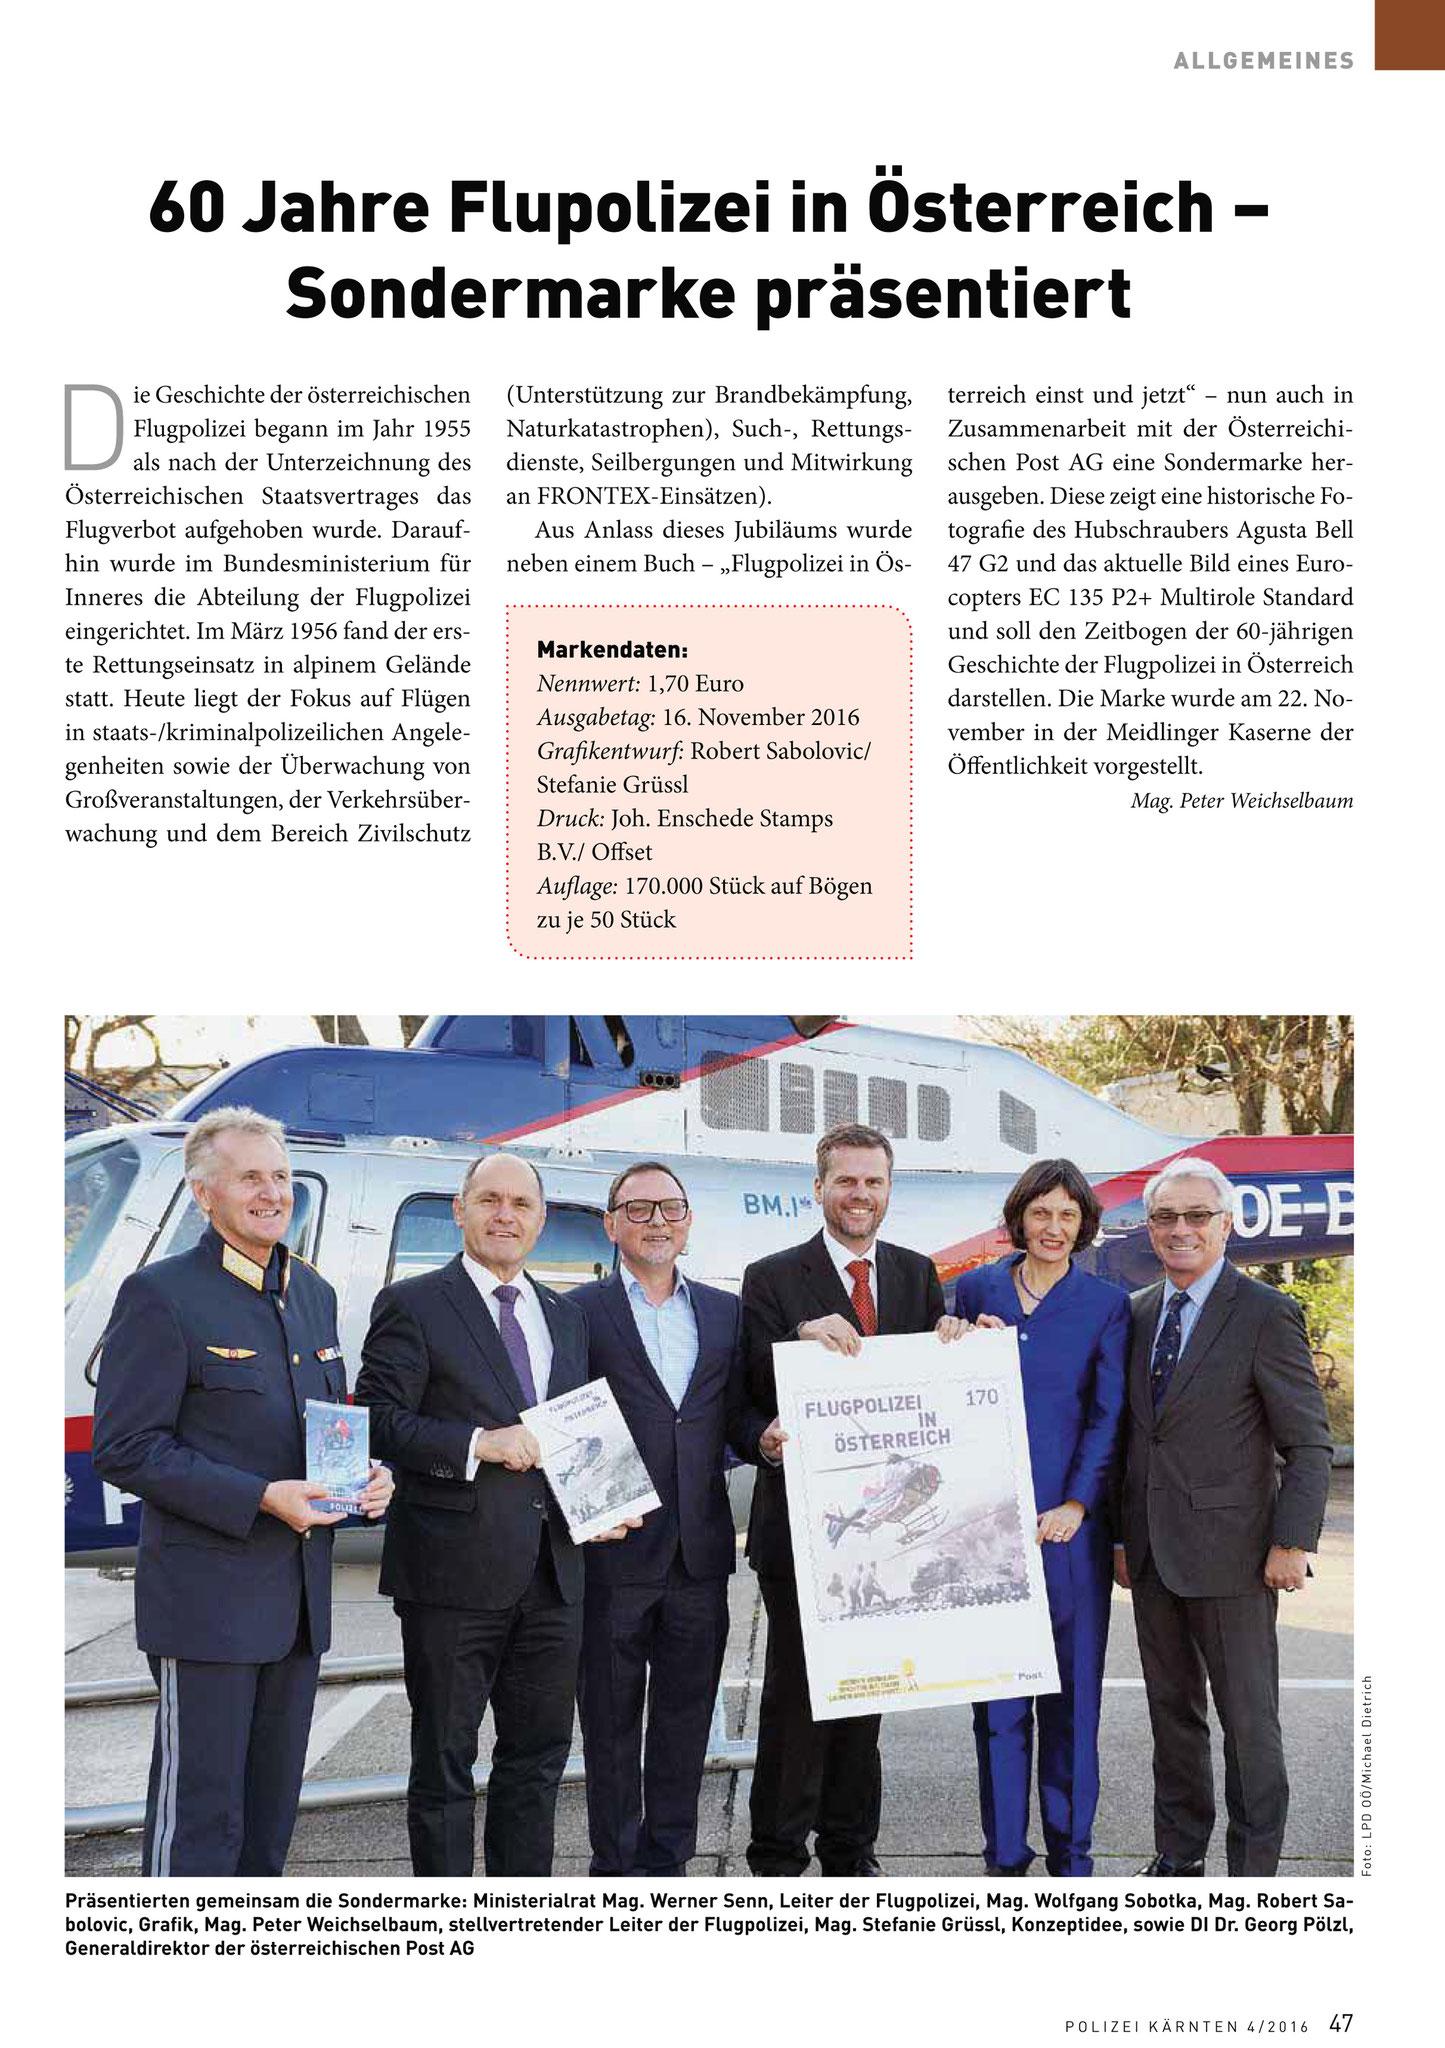 Polizei Kärnten - Das Info-Magazin der LPD 4/2016